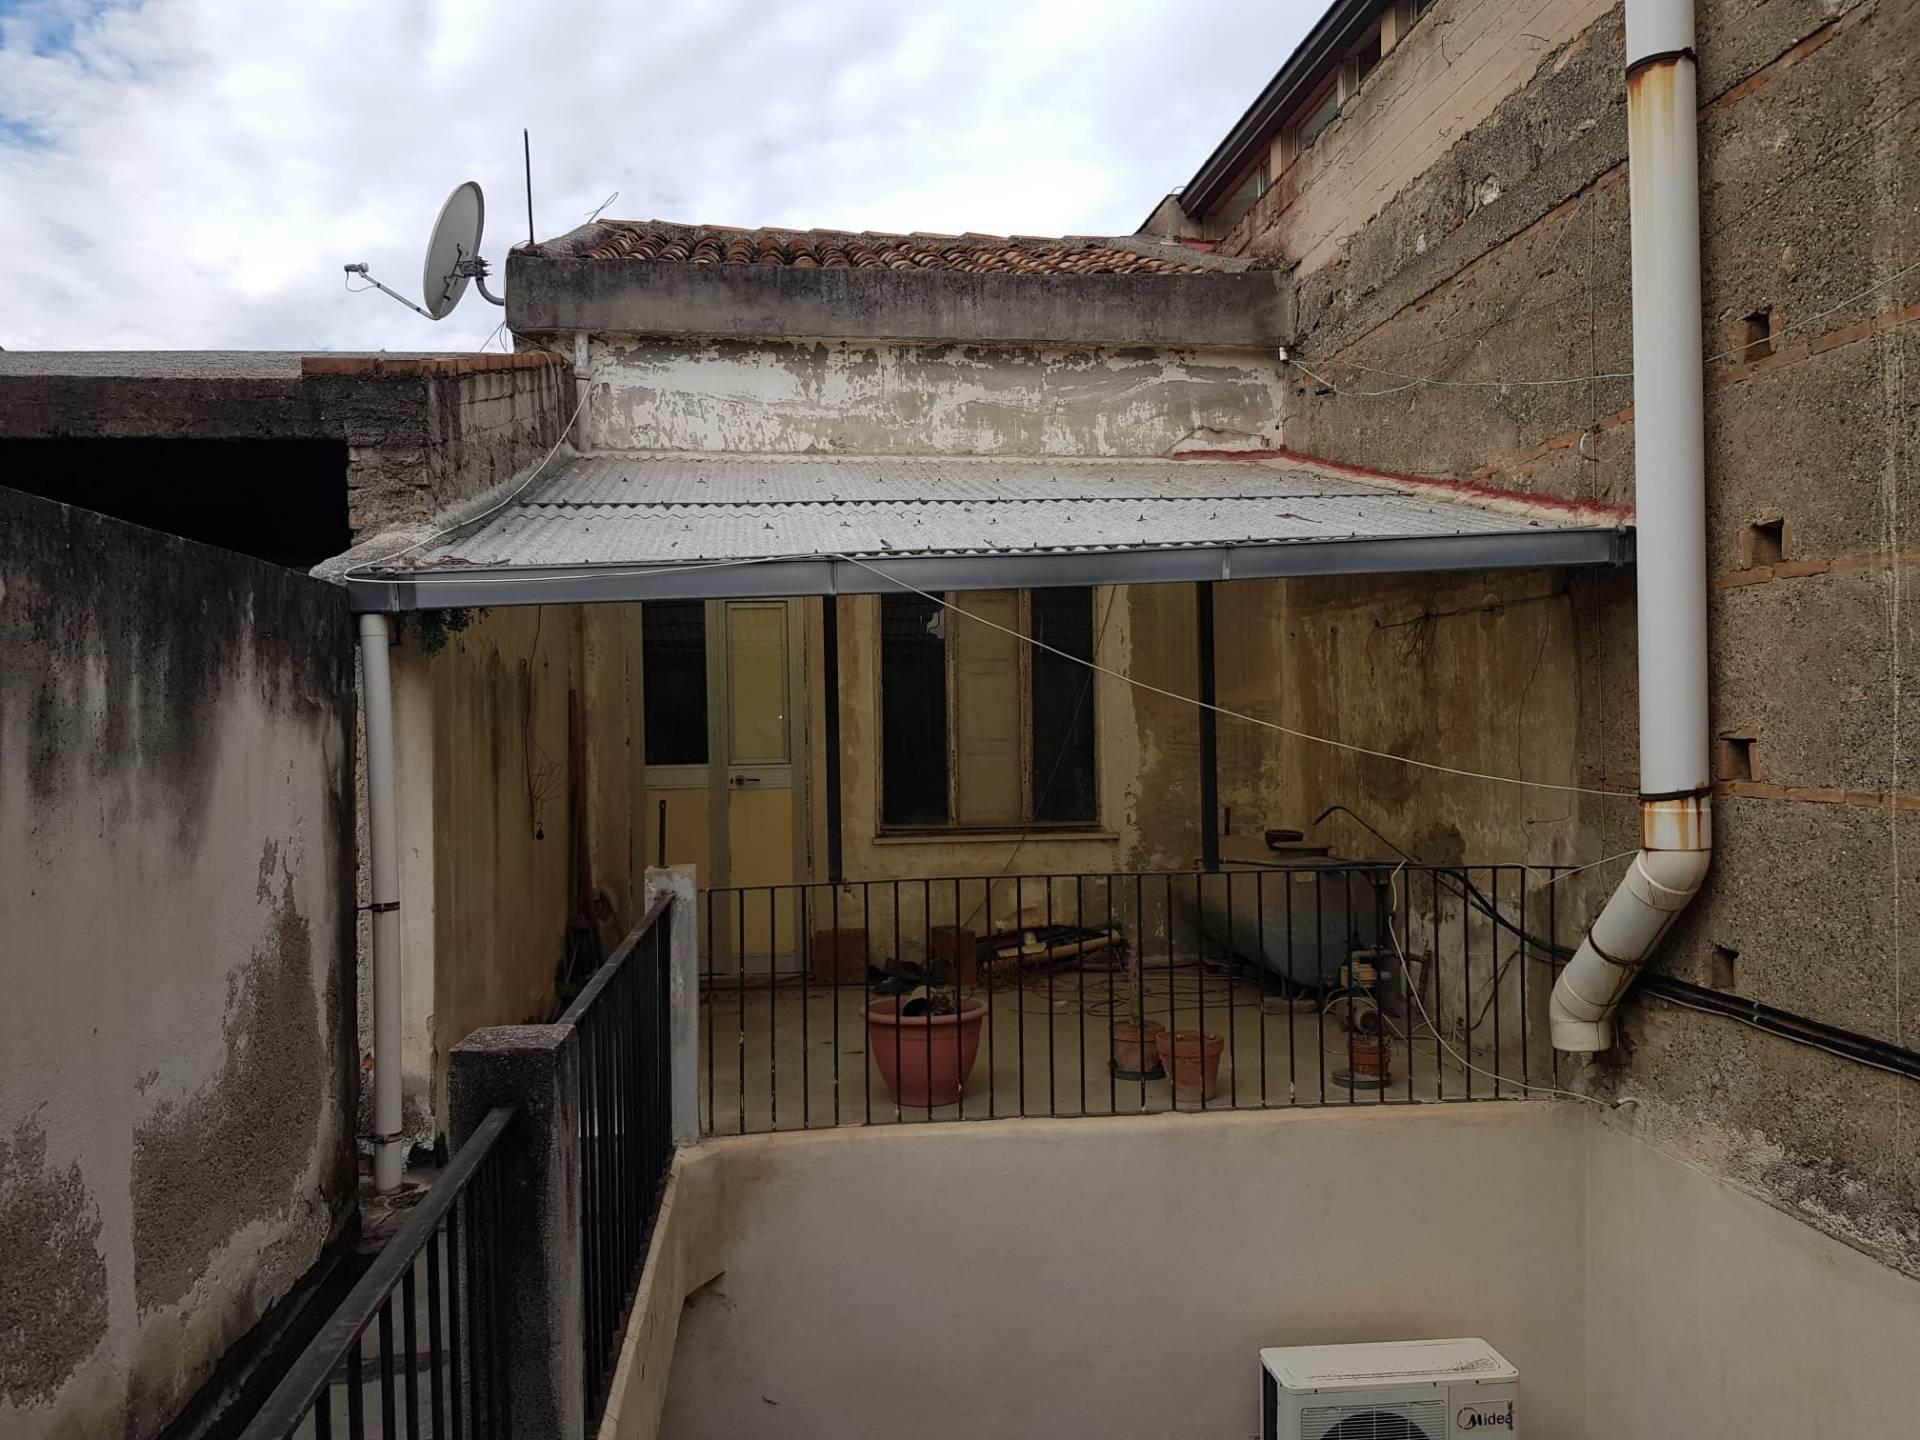 Appartamento in vendita a Barcellona Pozzo di Gotto, 4 locali, prezzo € 58.000 | PortaleAgenzieImmobiliari.it